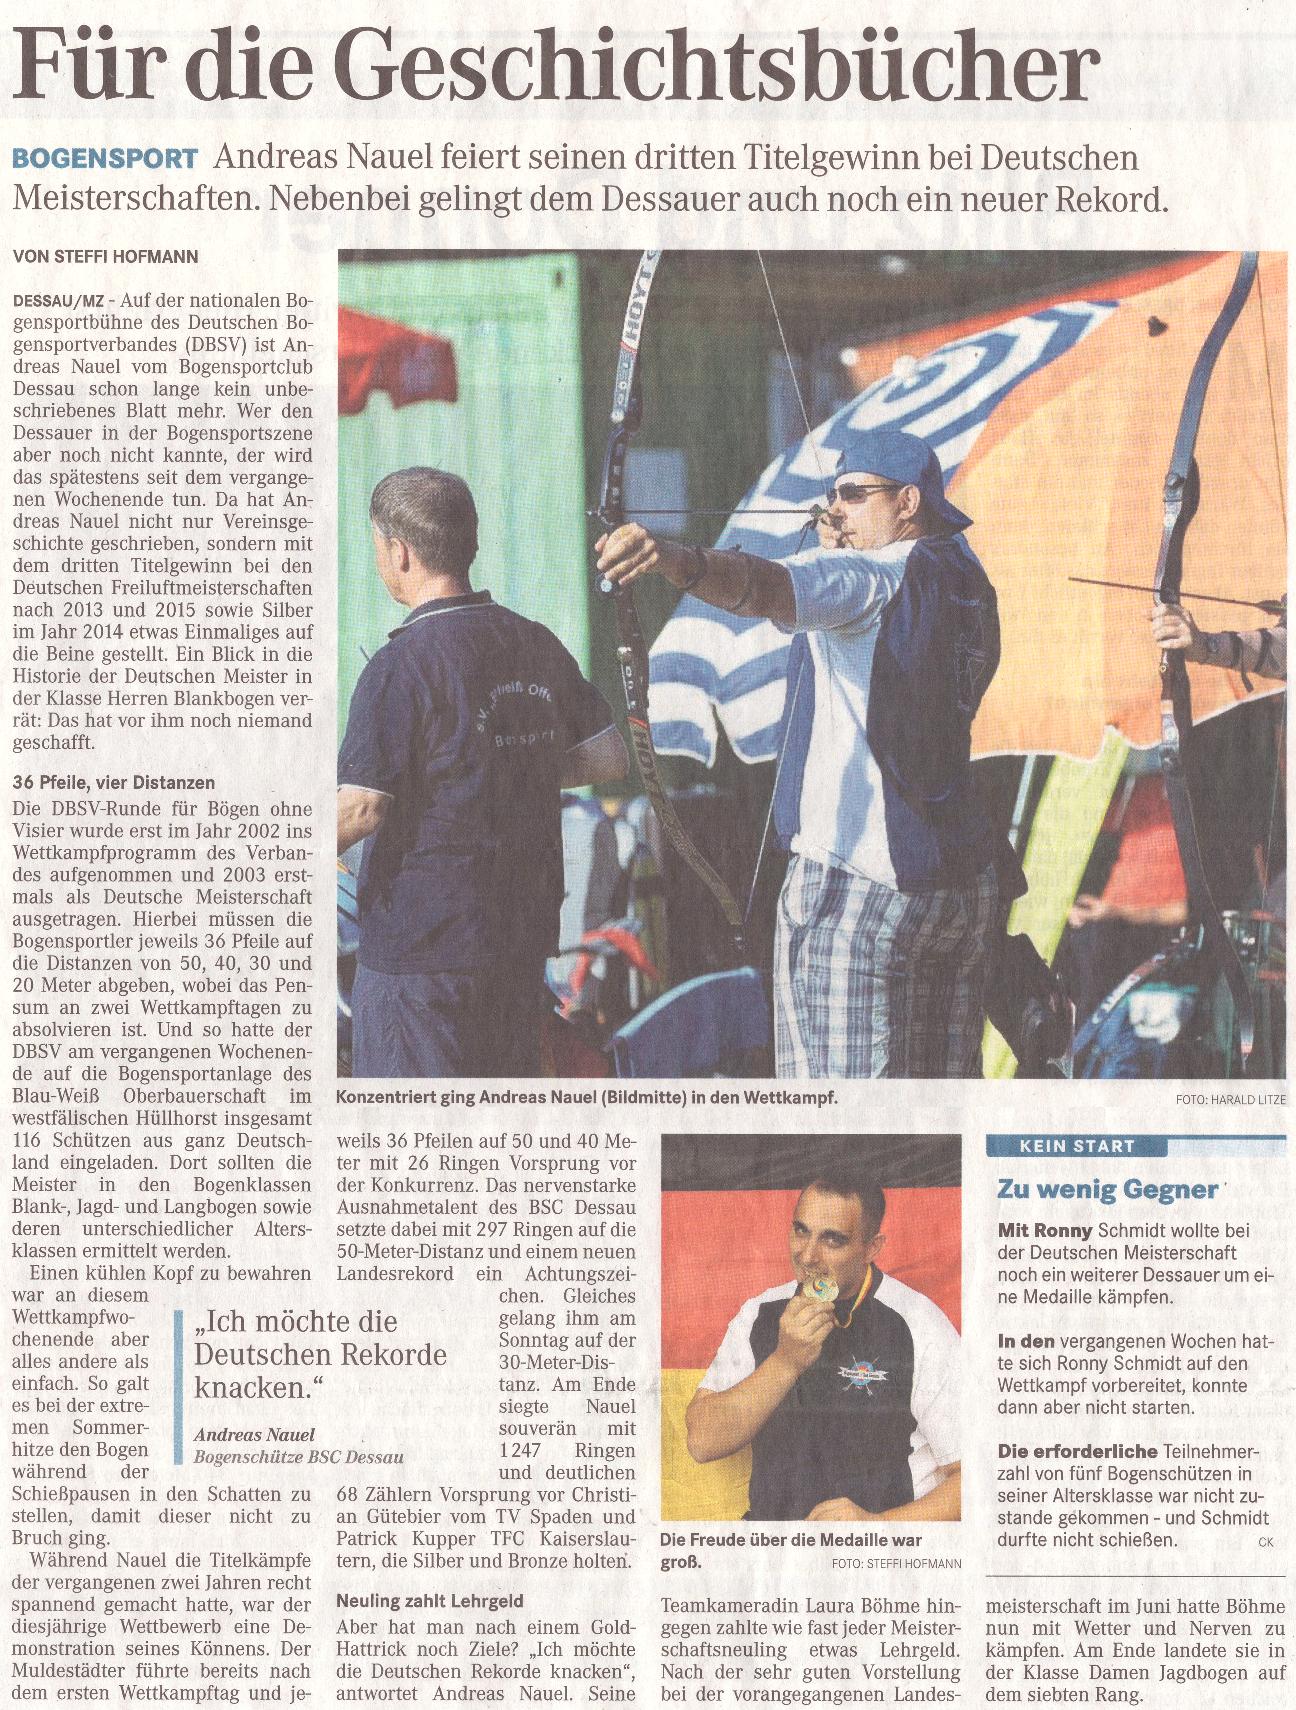 Deutsche Meisterschaft Bögen ohne Visier – Mitteldeutsche Zeitung vom 31.08.2016